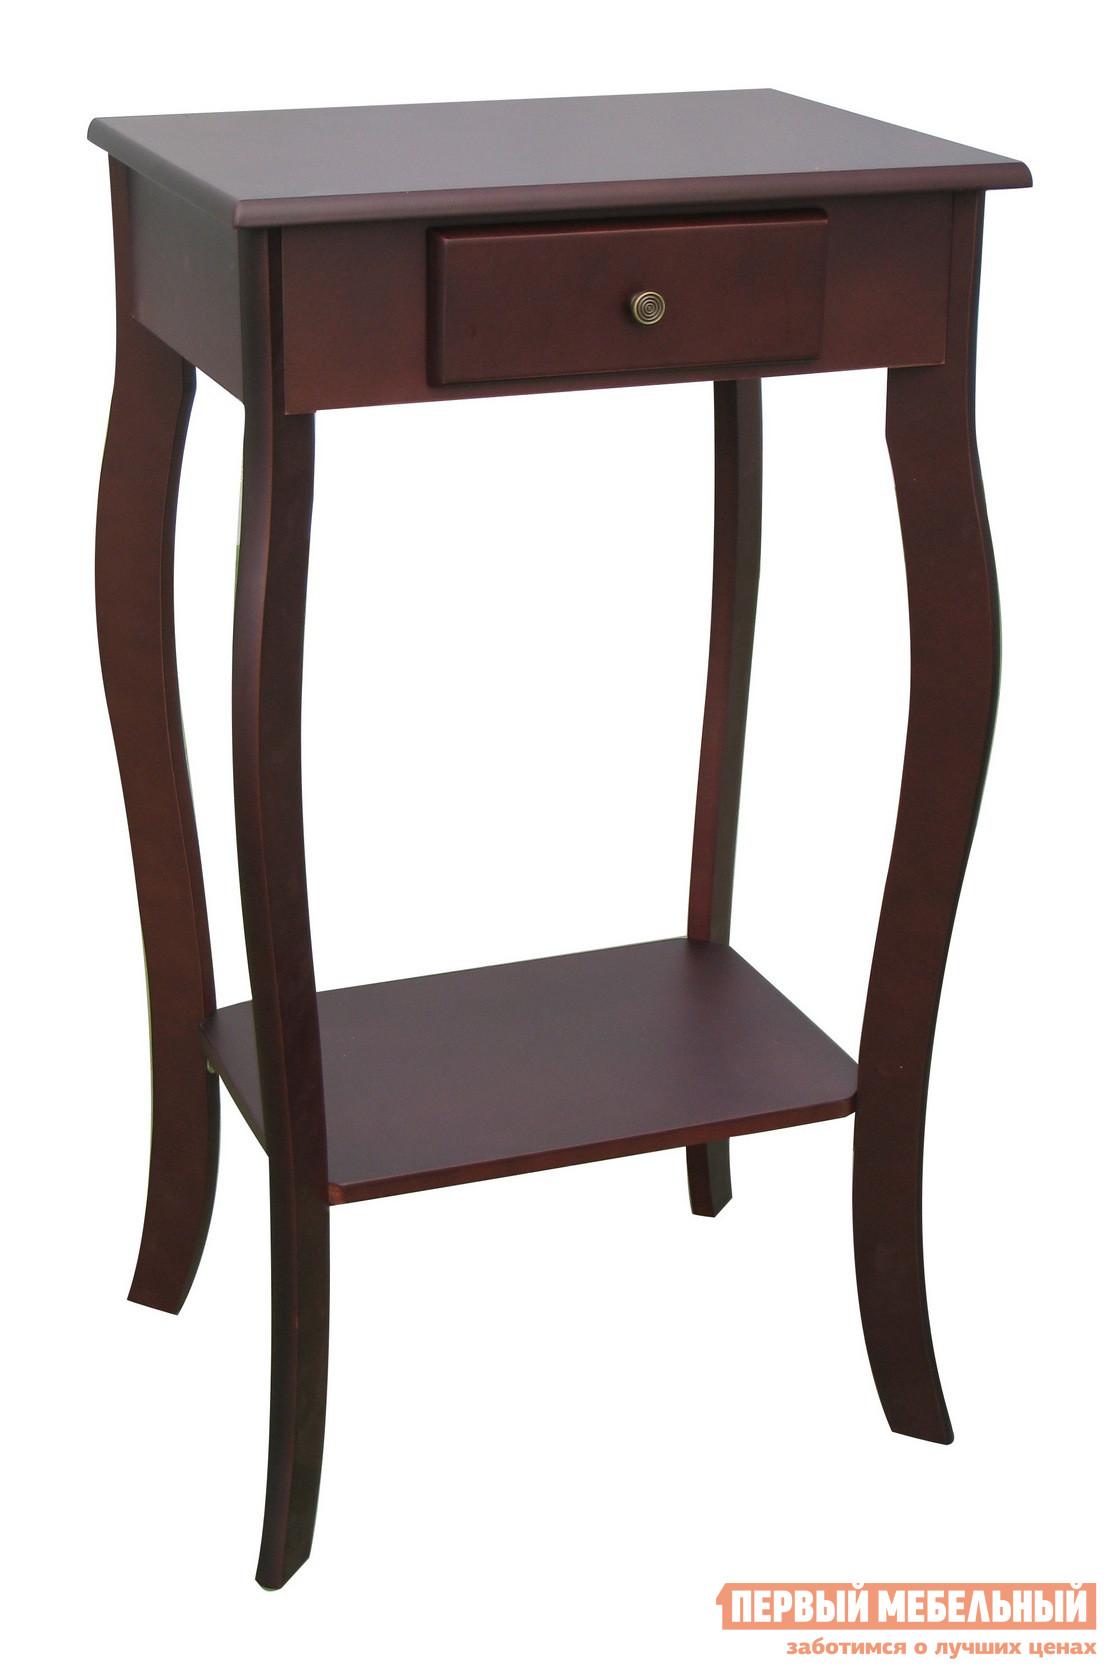 Деревянный журнальный столик МебельТорг Столик журнальный 1685